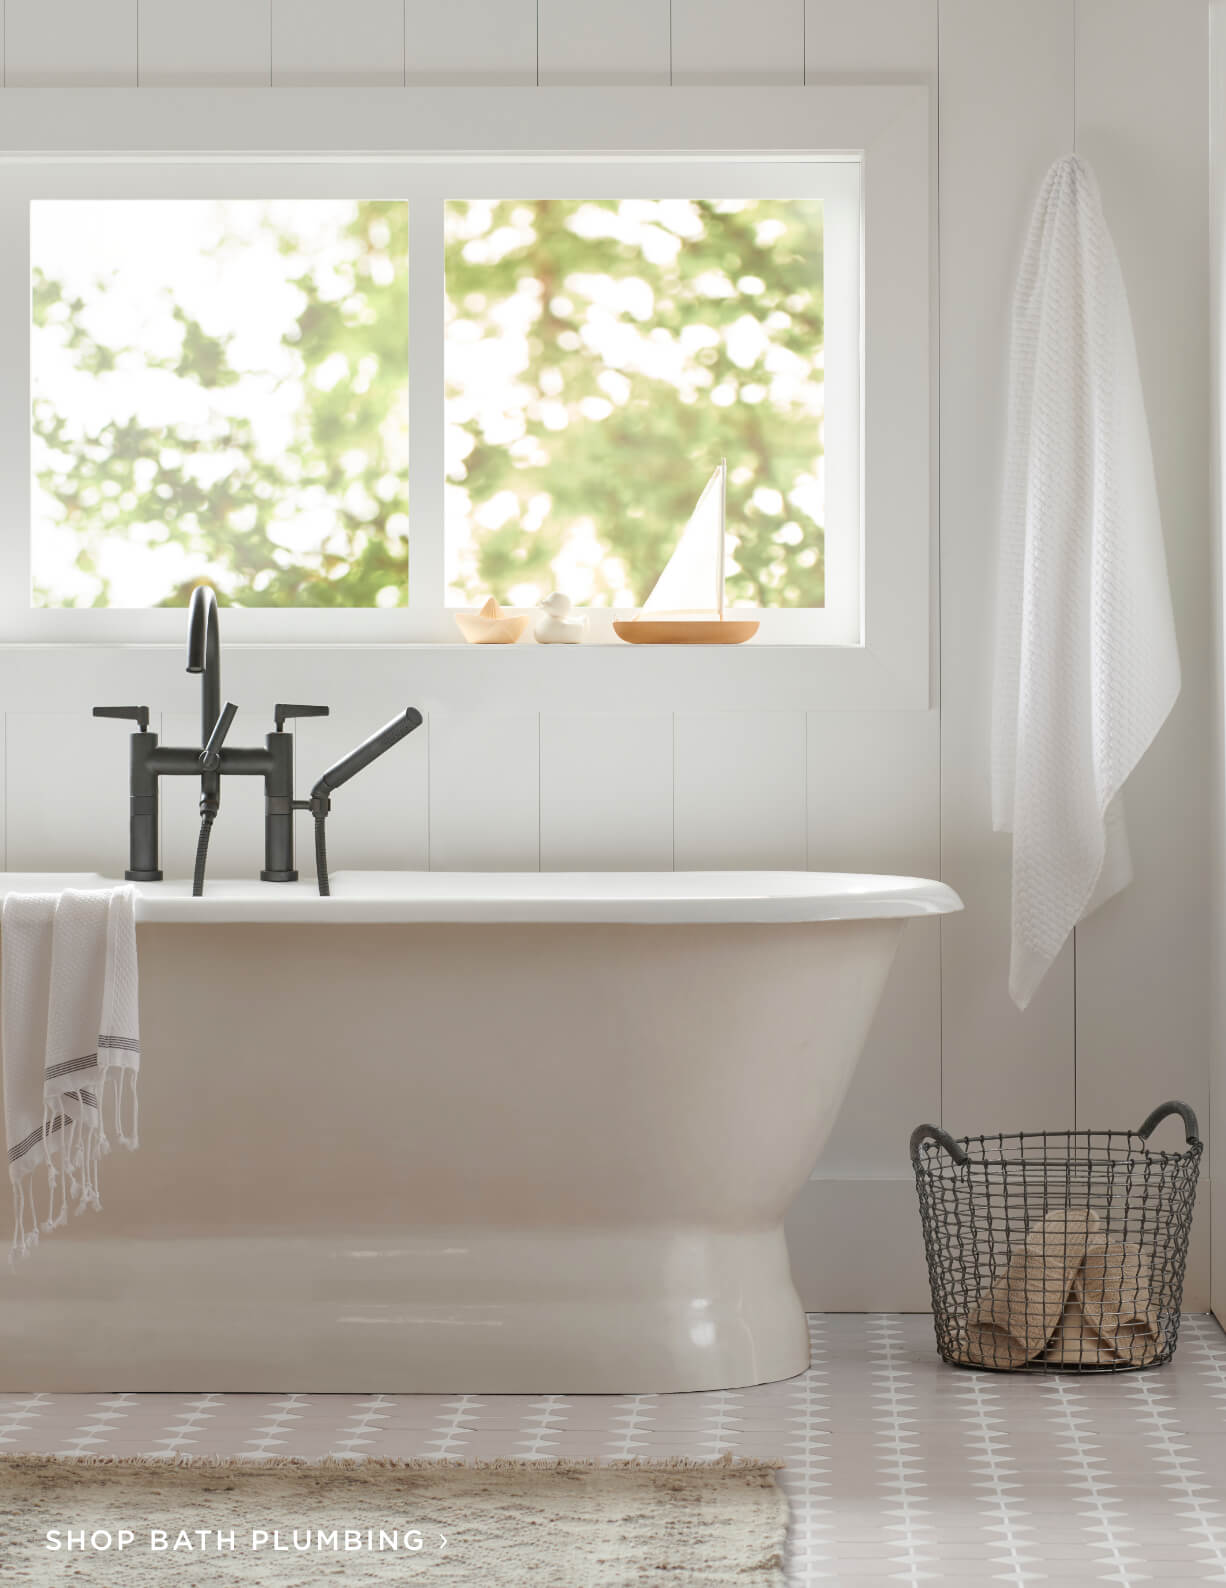 Shop Bath Plumbing